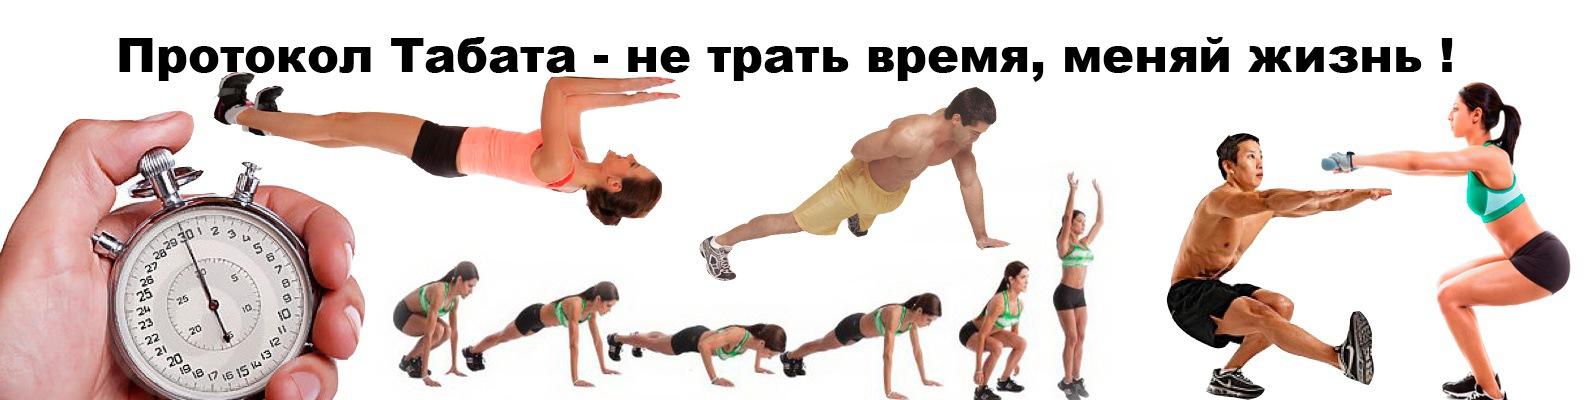 Упражнения по системе табата для похудения отзывы